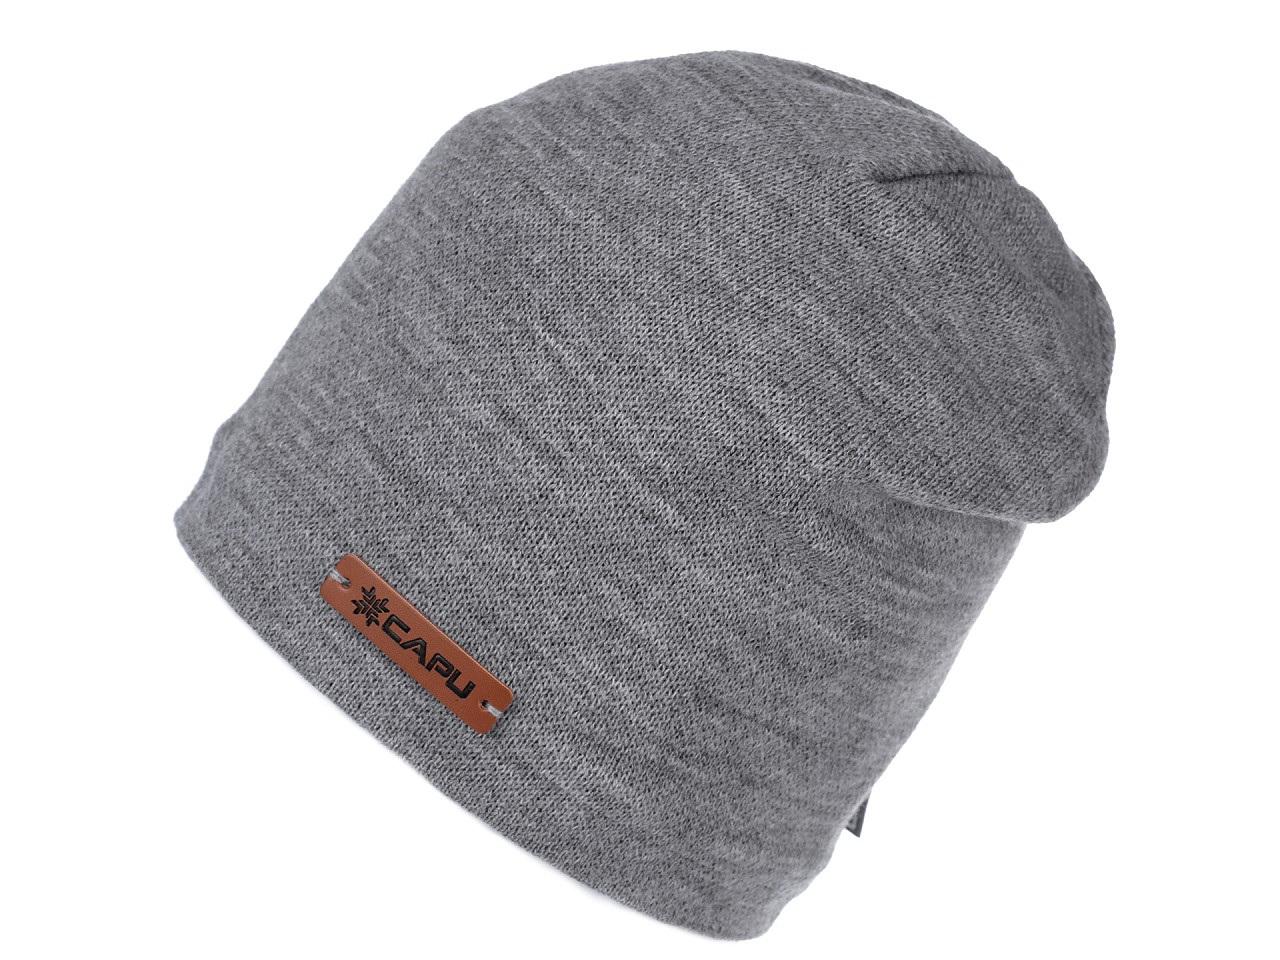 Zimní čepice unisex, barva 3 šedá sv.